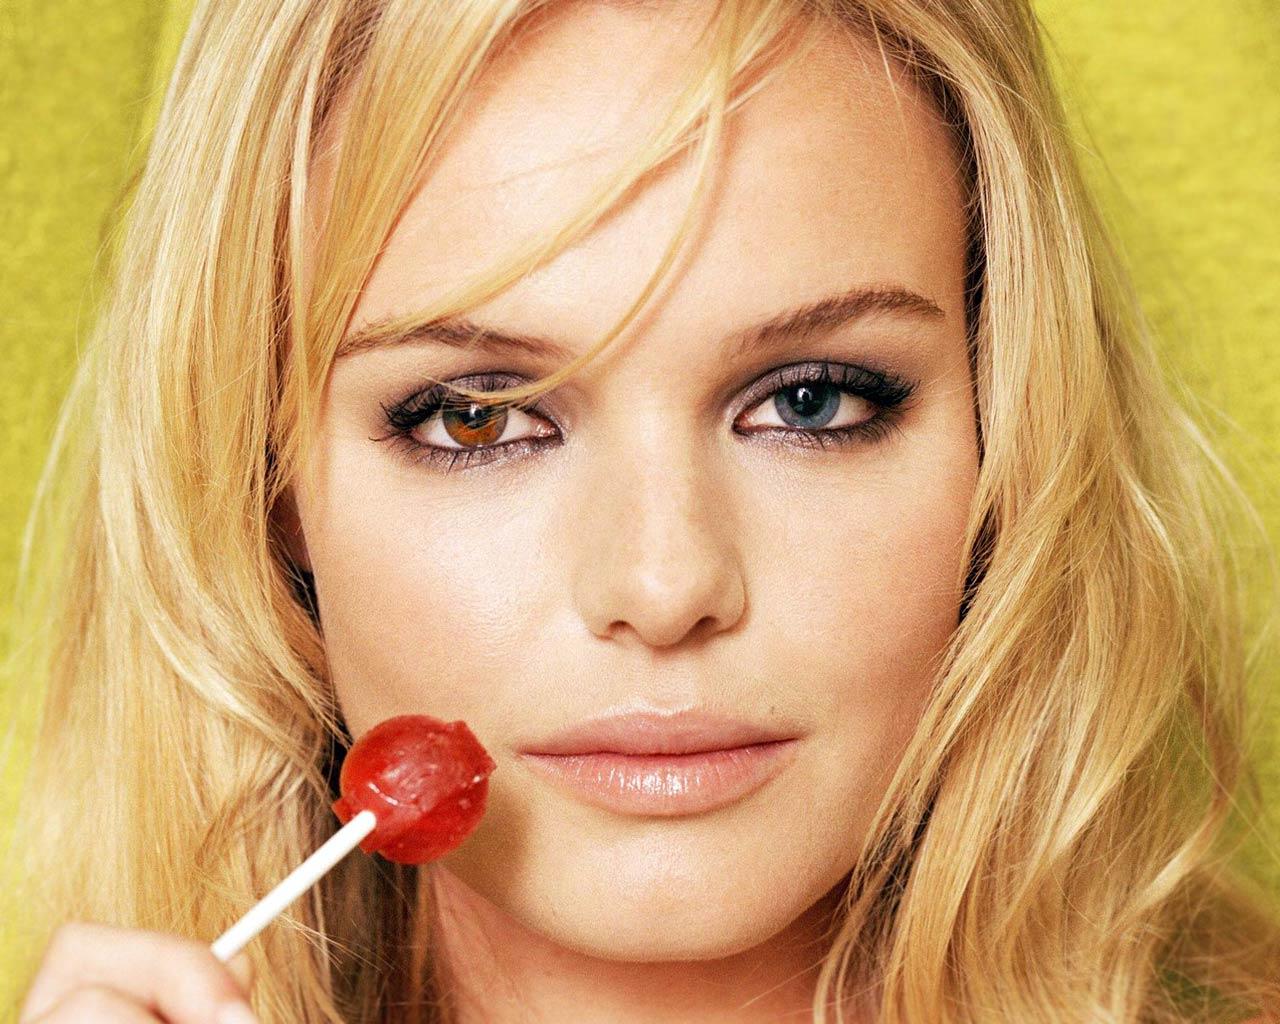 http://2.bp.blogspot.com/-1I83Ks6l6iI/TtLiLtzbllI/AAAAAAAABwg/qHvUj-ZdgEE/s1600/Kate+Bosworth+eyes.jpg